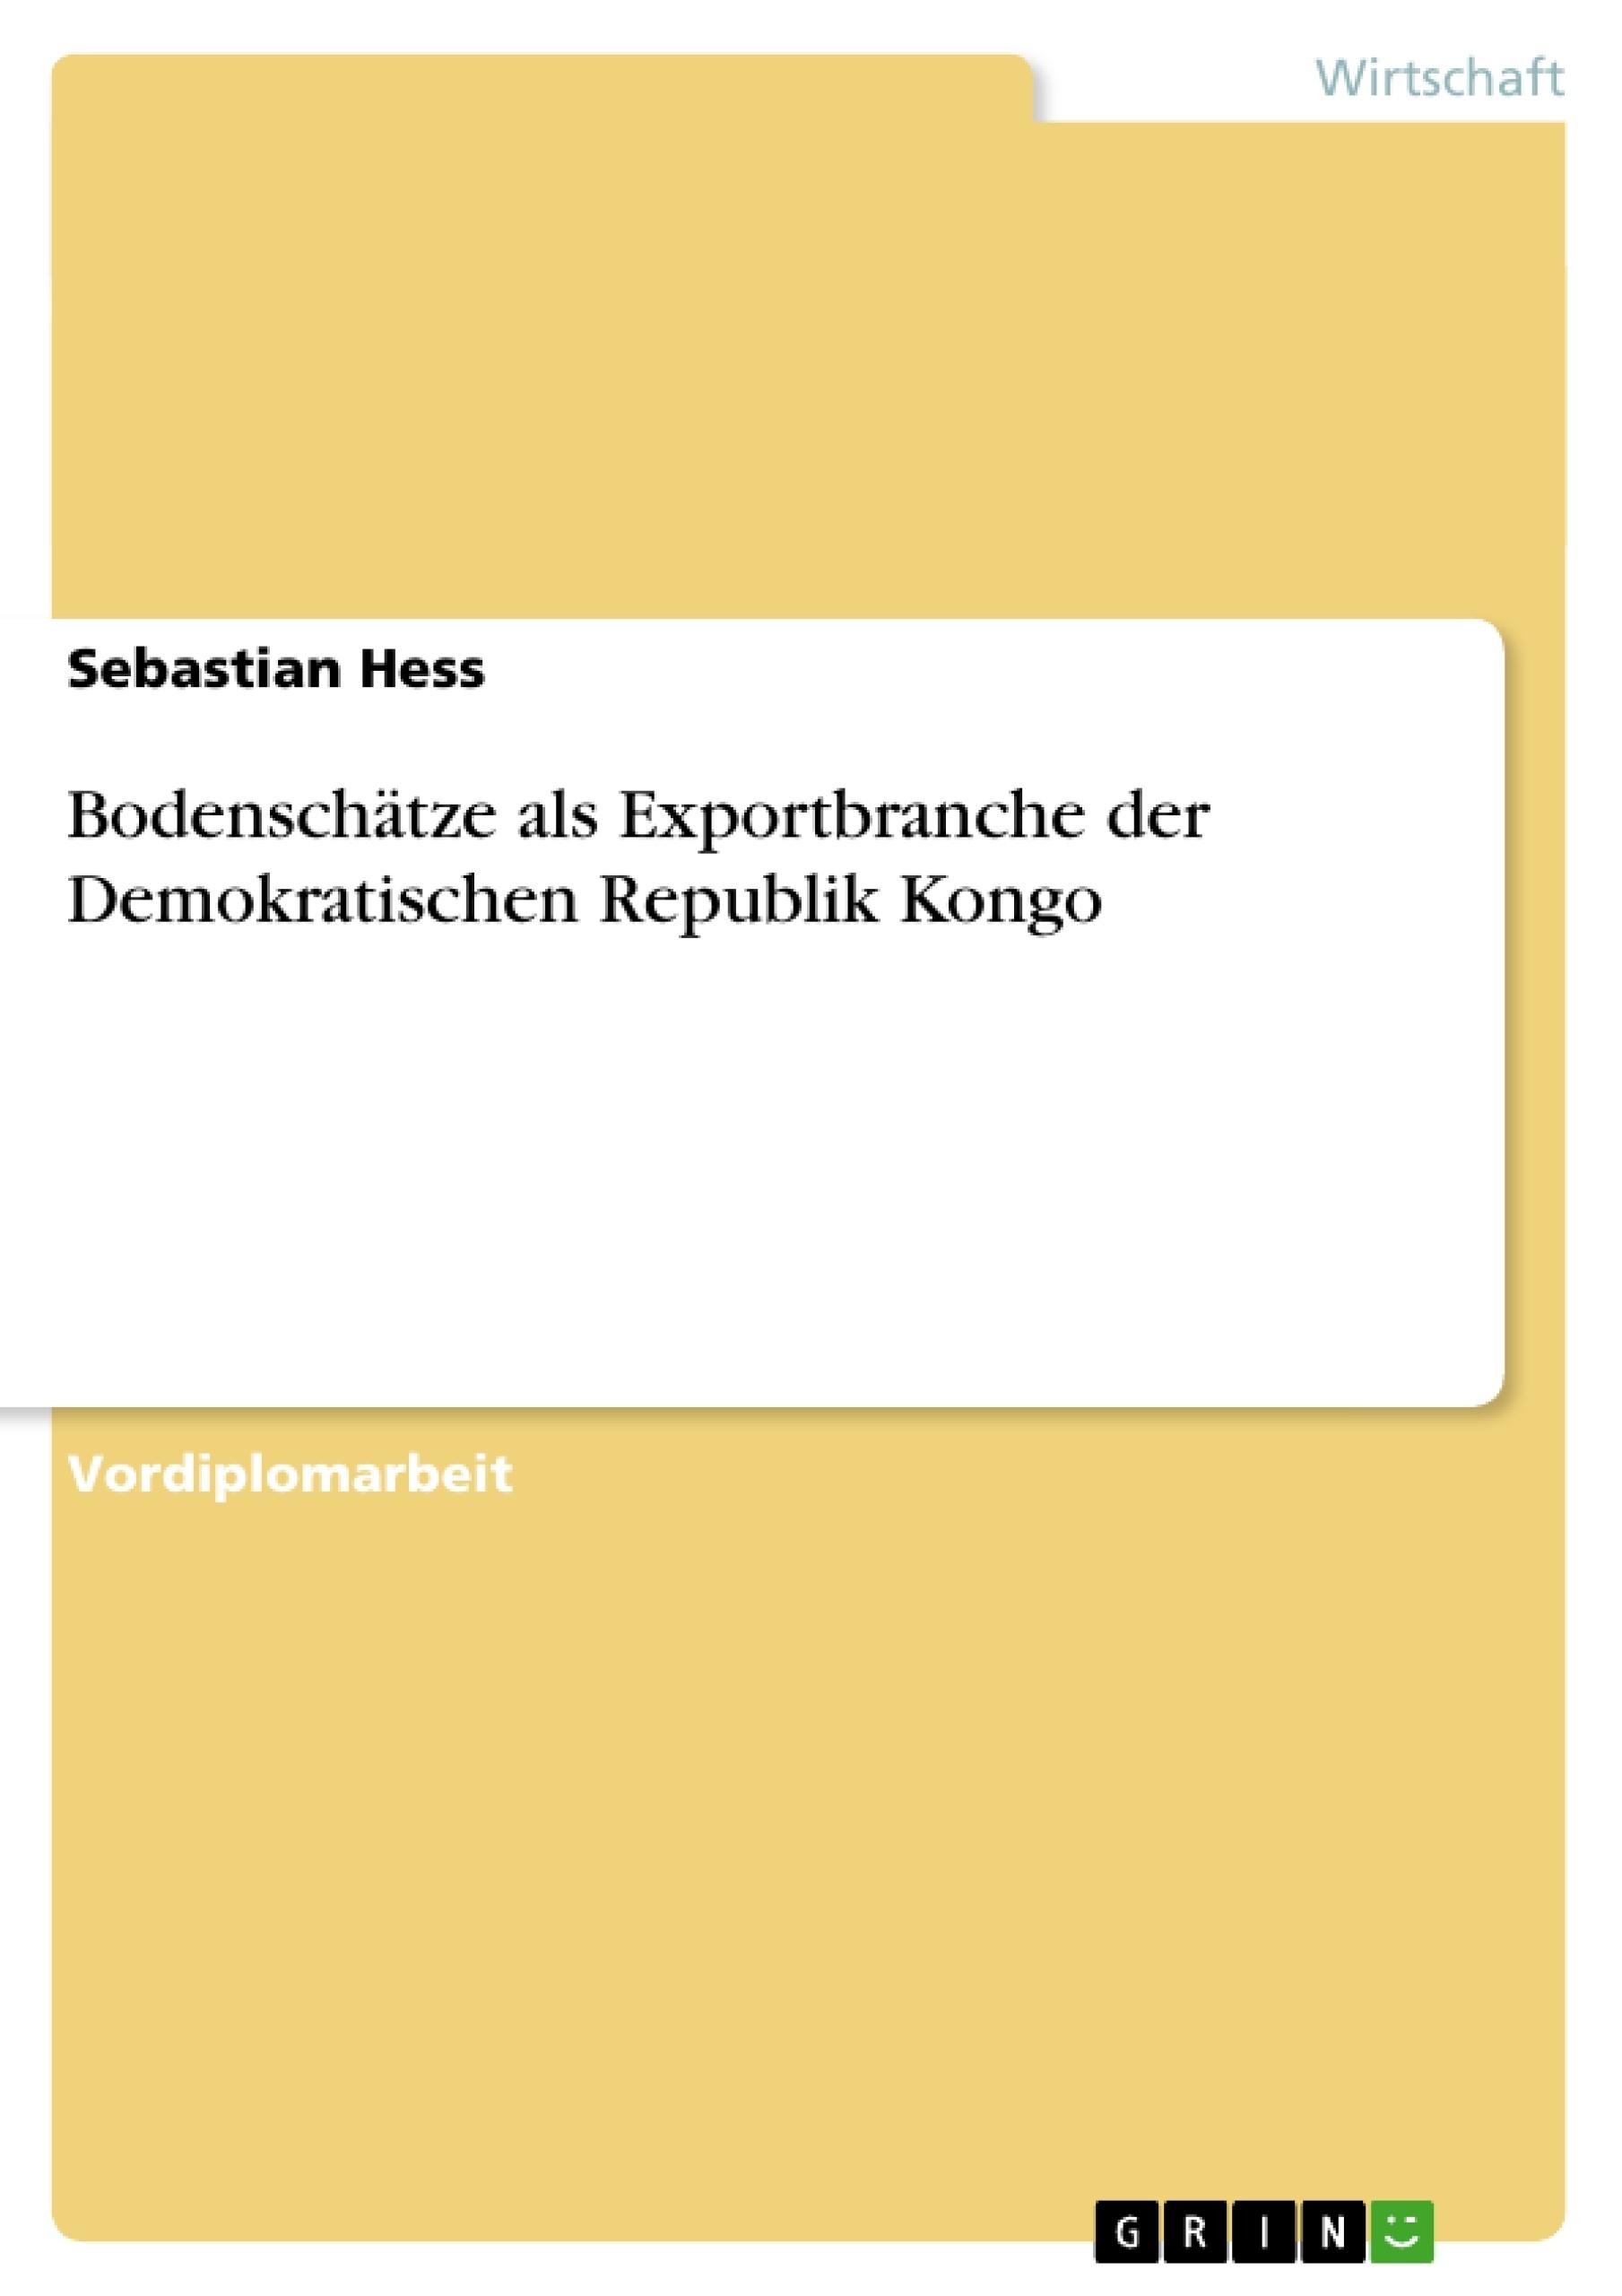 Titel: Bodenschätze als Exportbranche der Demokratischen Republik Kongo